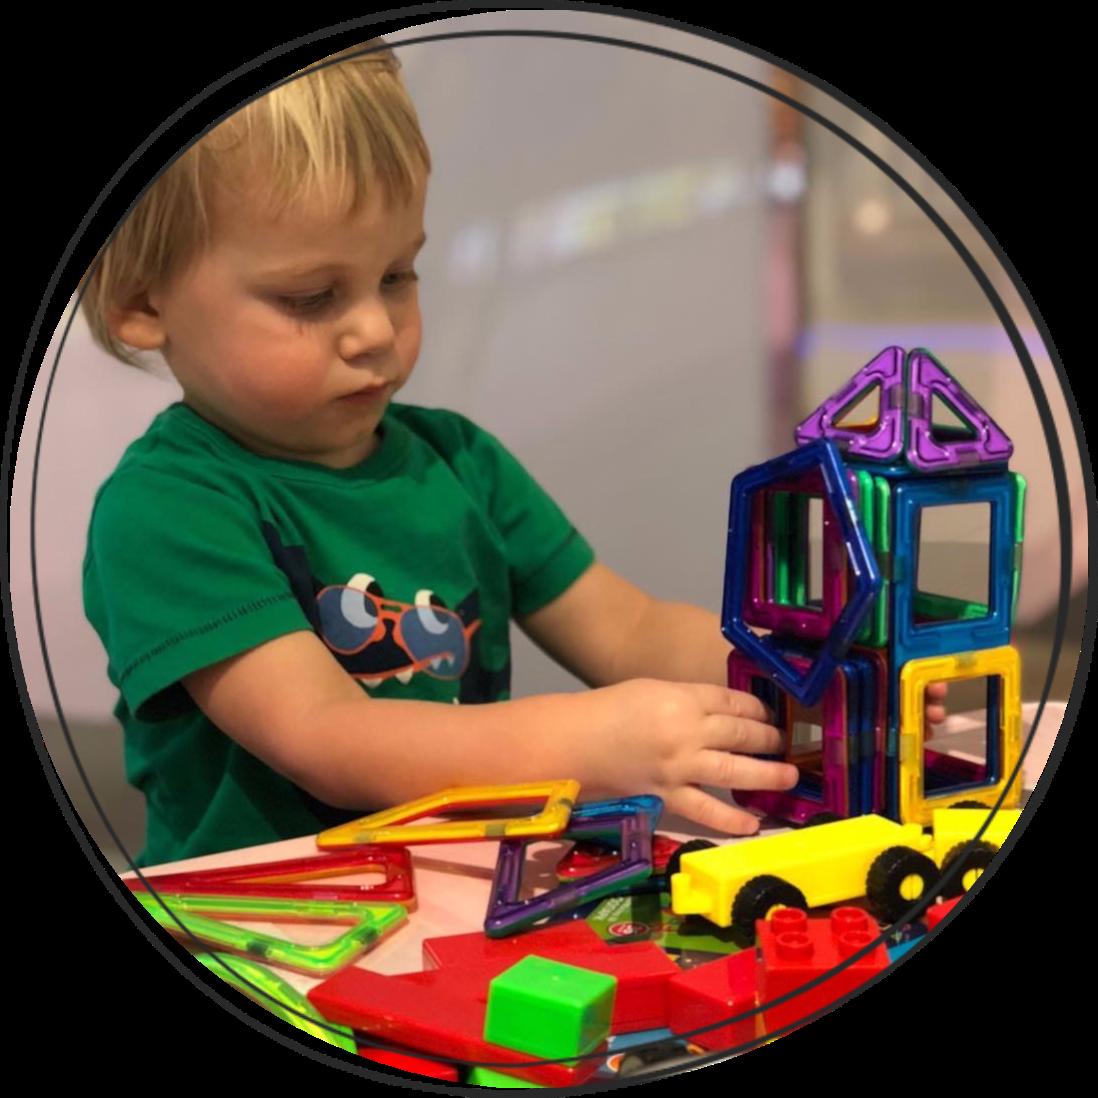 Ребенок и магнитный конструктор.